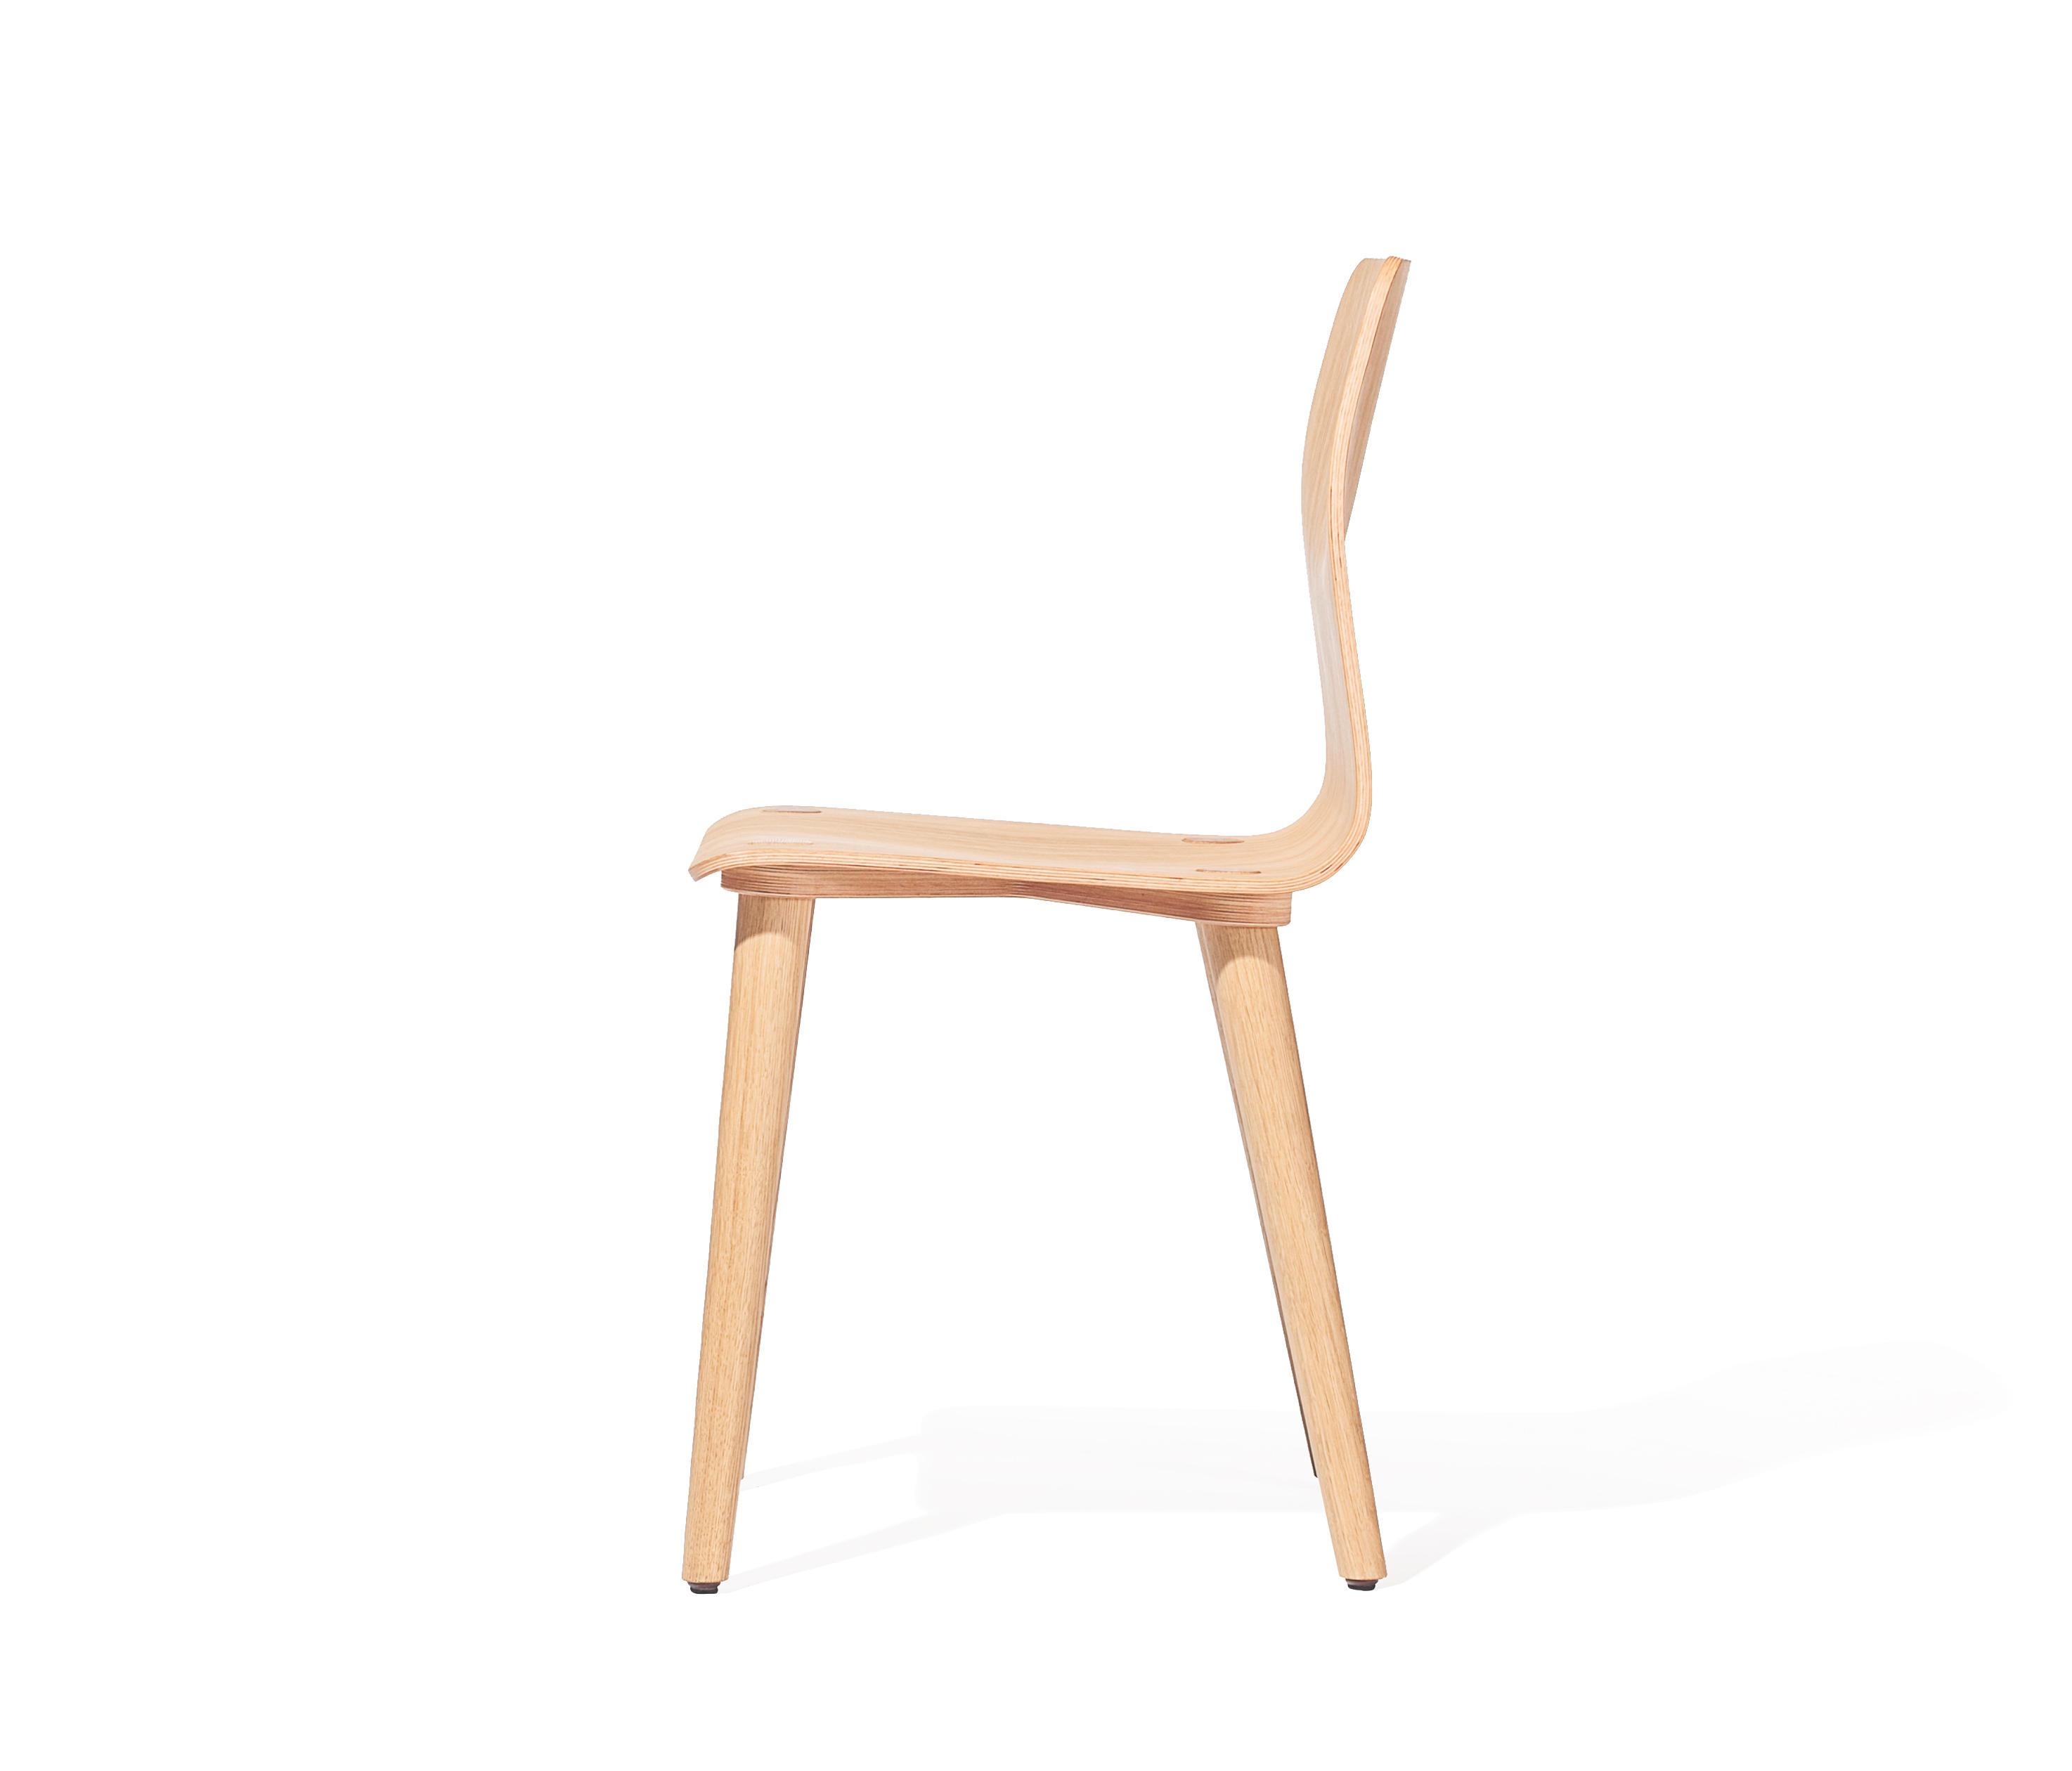 Malmö Stuhl malmÖ stuhl - stühle von ton | architonic